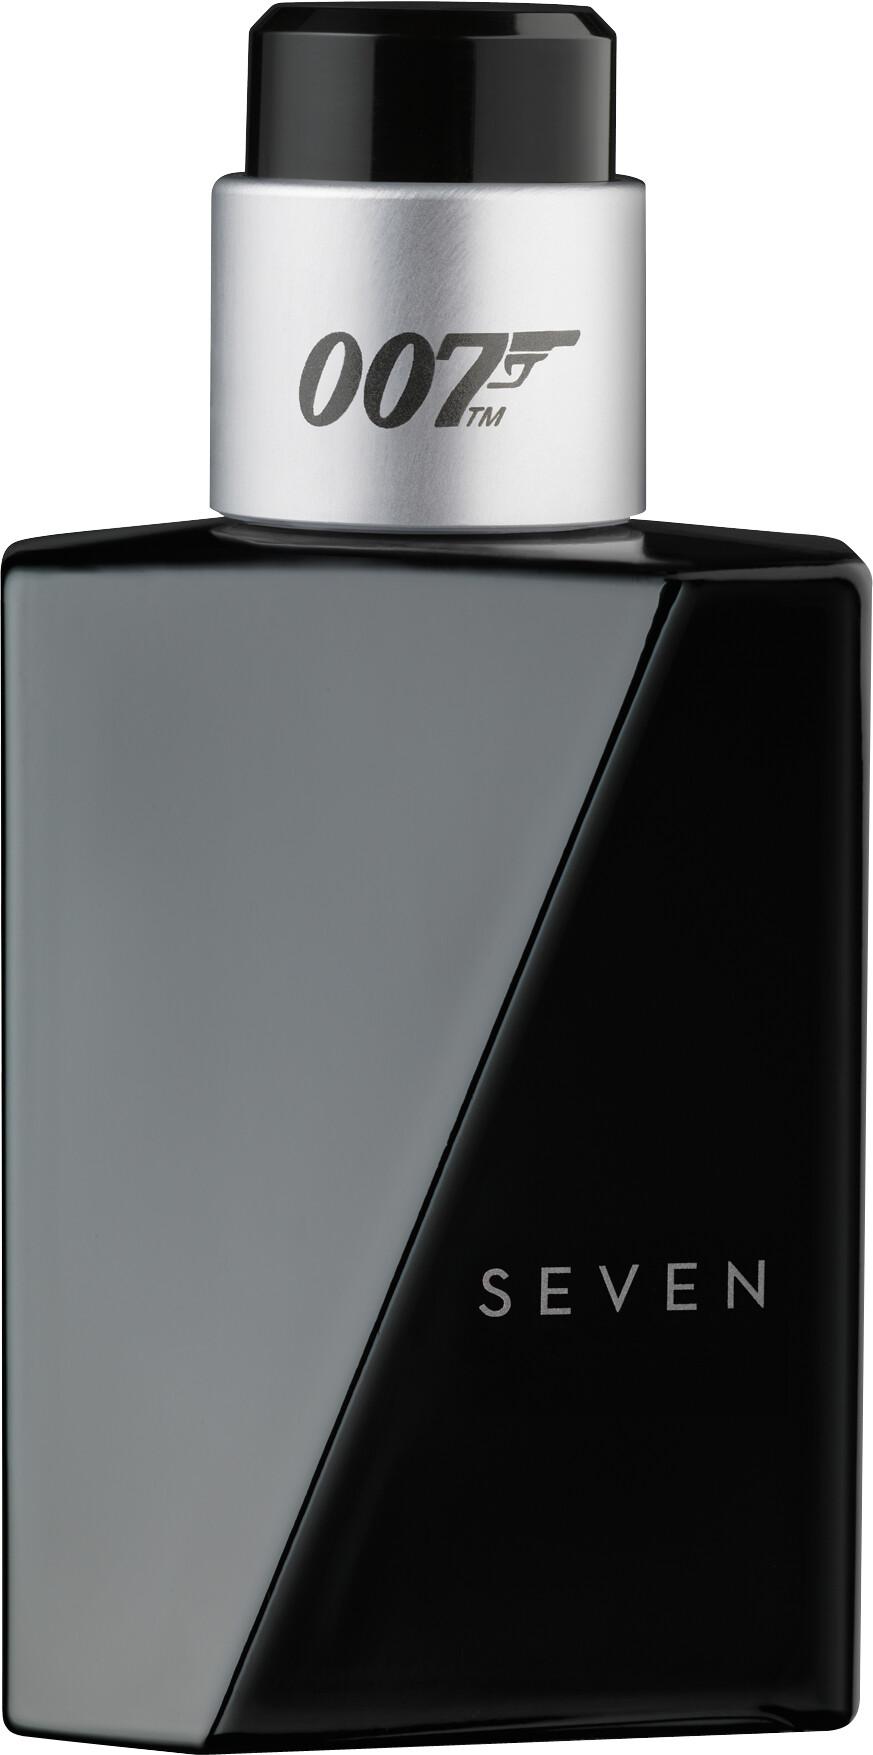 007 Fragrances Seven Eau De Toilette Spray 30ml